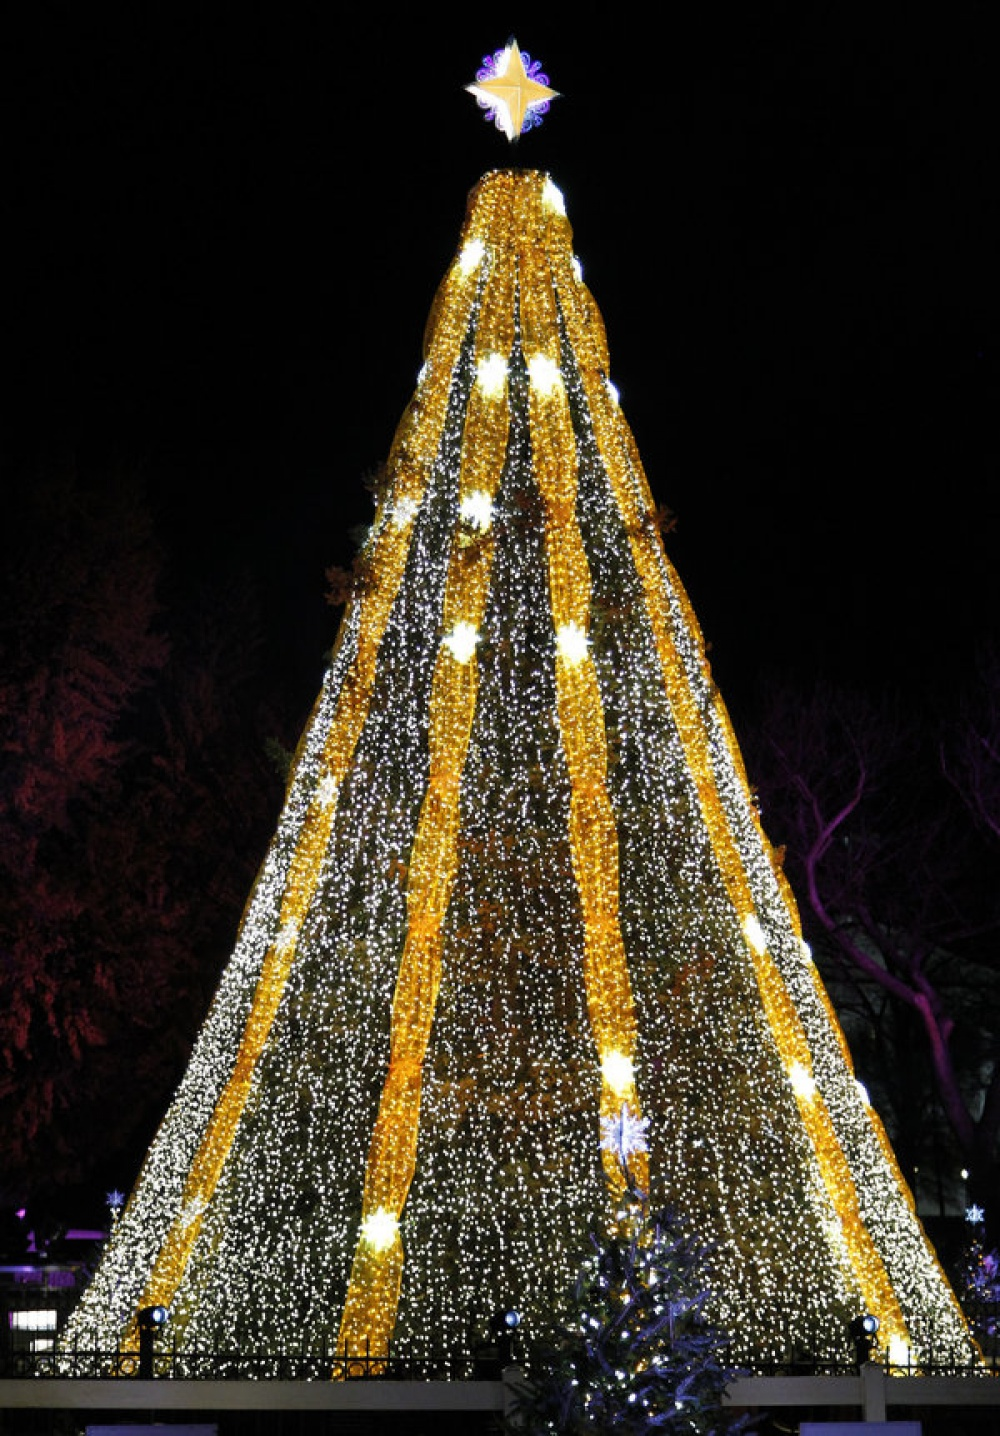 Национальная рождественская елка. Чтобы попасть напраздник, она проделала путь отАляски, преодолев